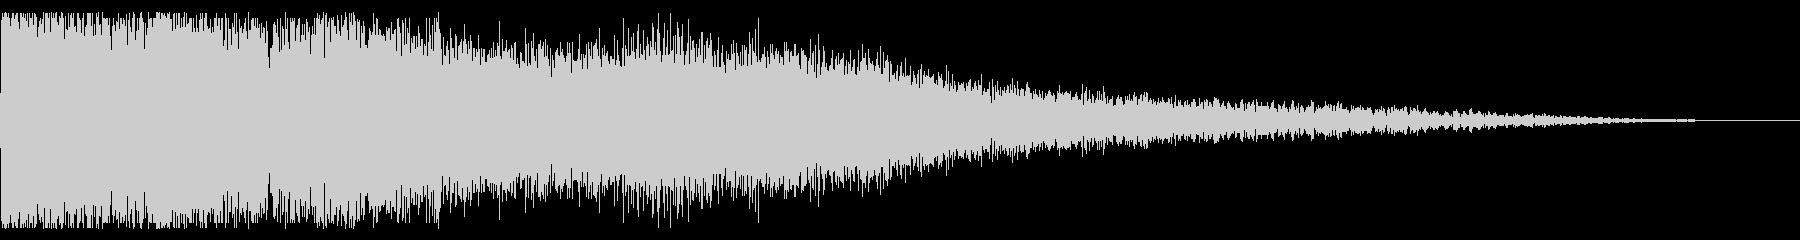 劇的な音色の爆発の未再生の波形